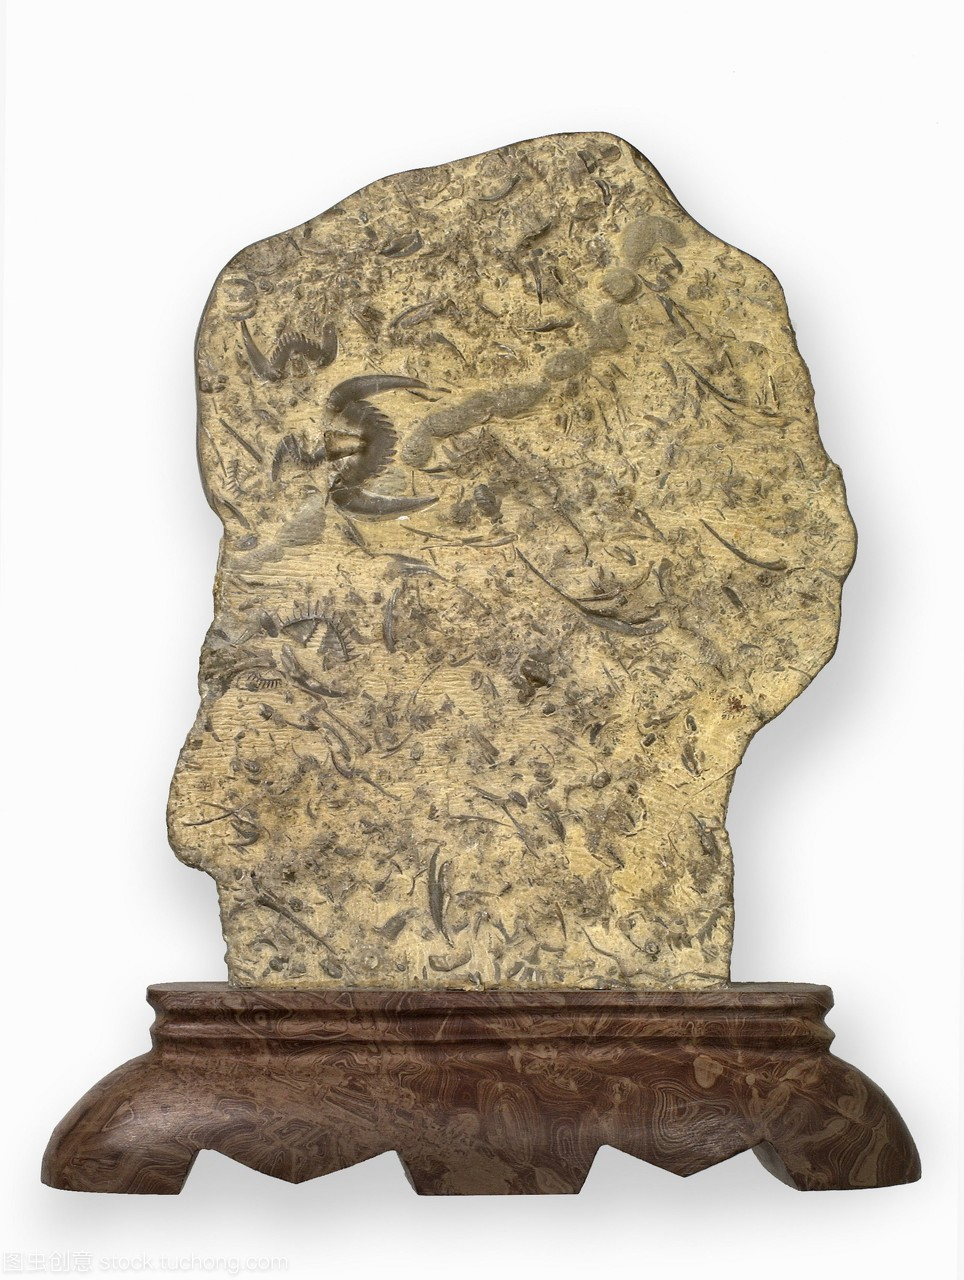 三叶虫化石安装板。这个板位于门将的会议室在